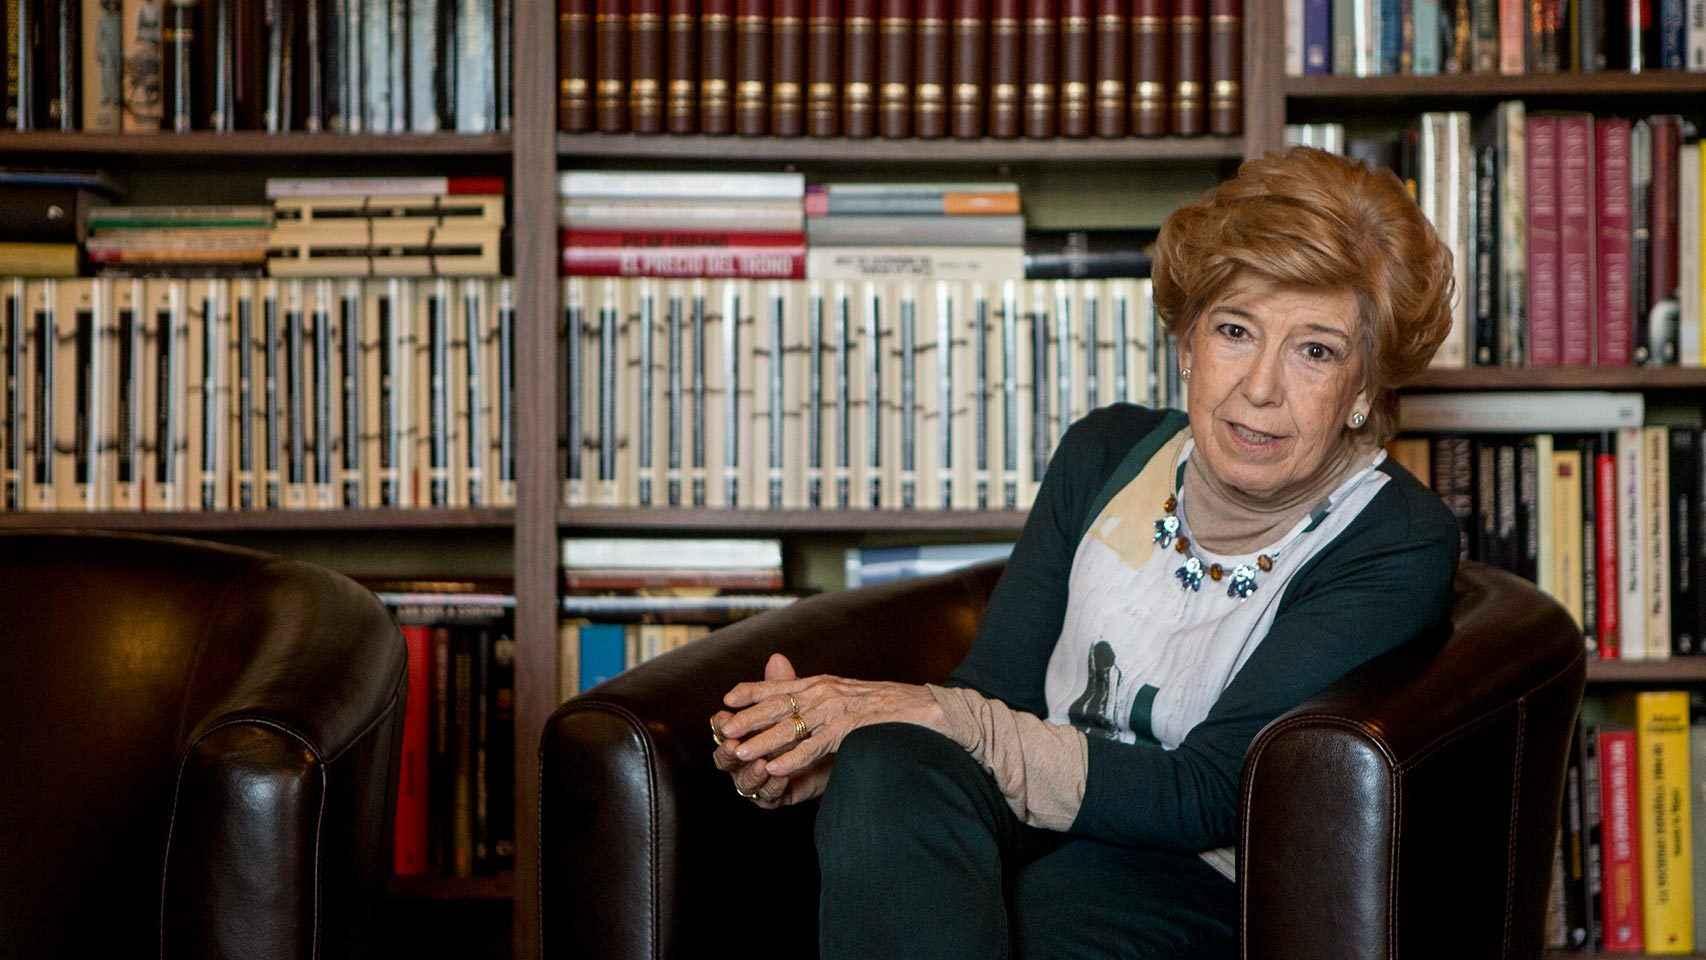 Pilar Urbano en su estudio, donde afirma que entró el CESID para vigilarla.